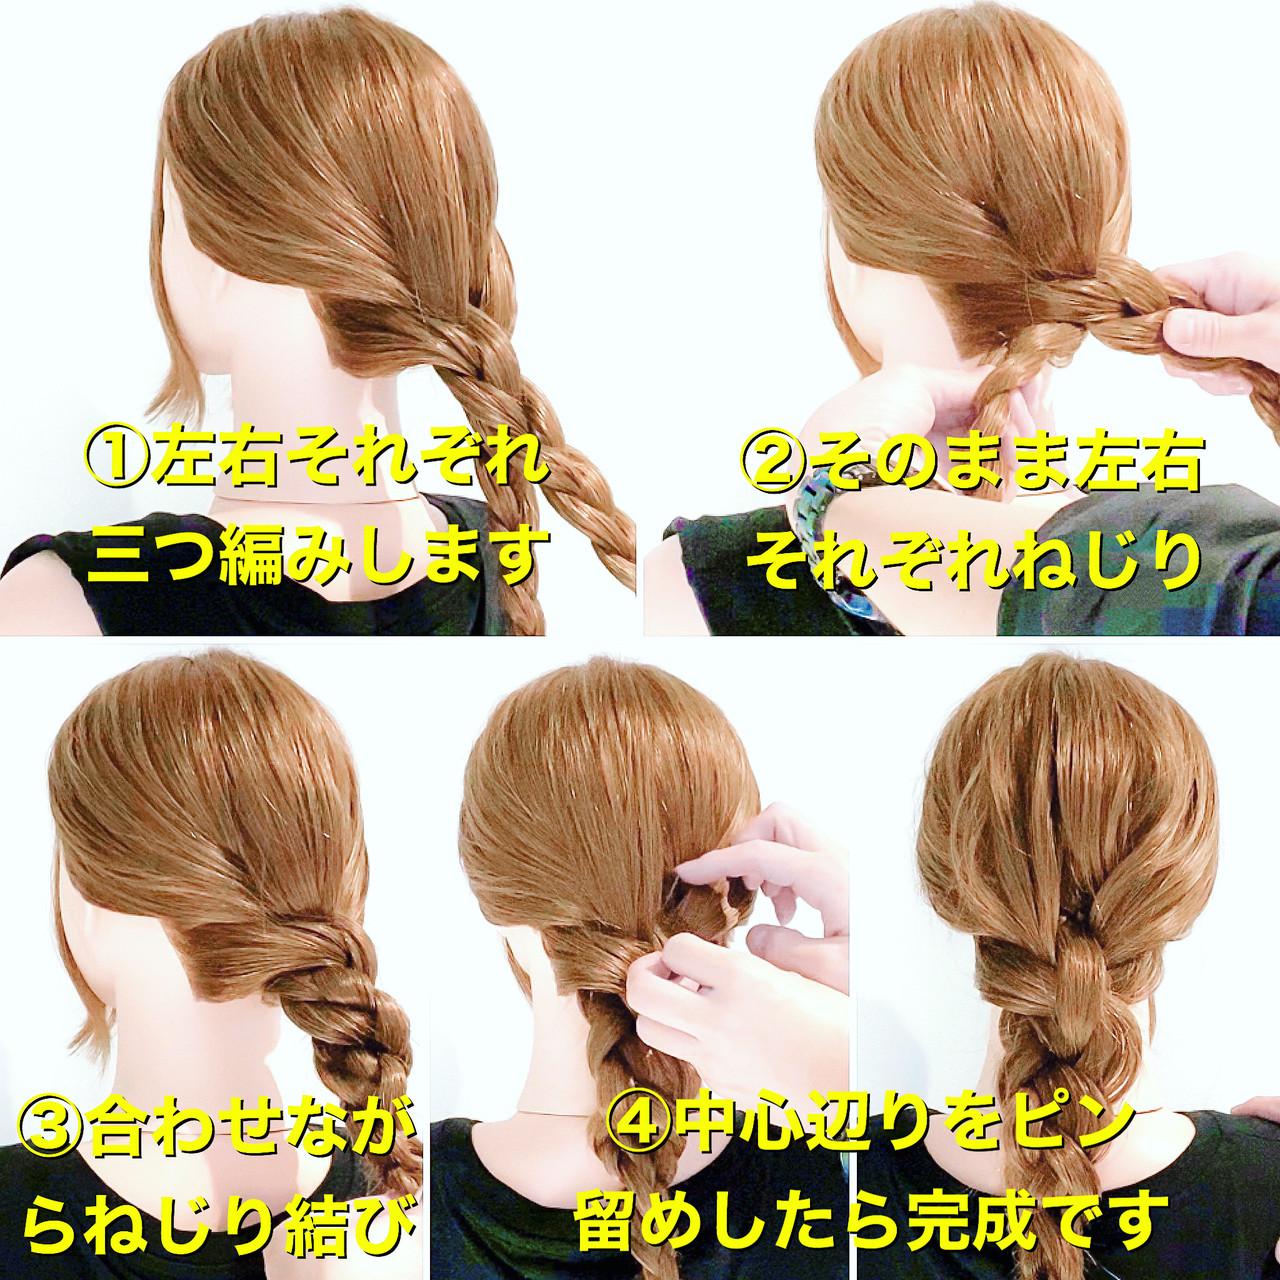 三つ編み ヘアアレンジ ダウンスタイル ヘアセット ヘアスタイルや髪型の写真・画像